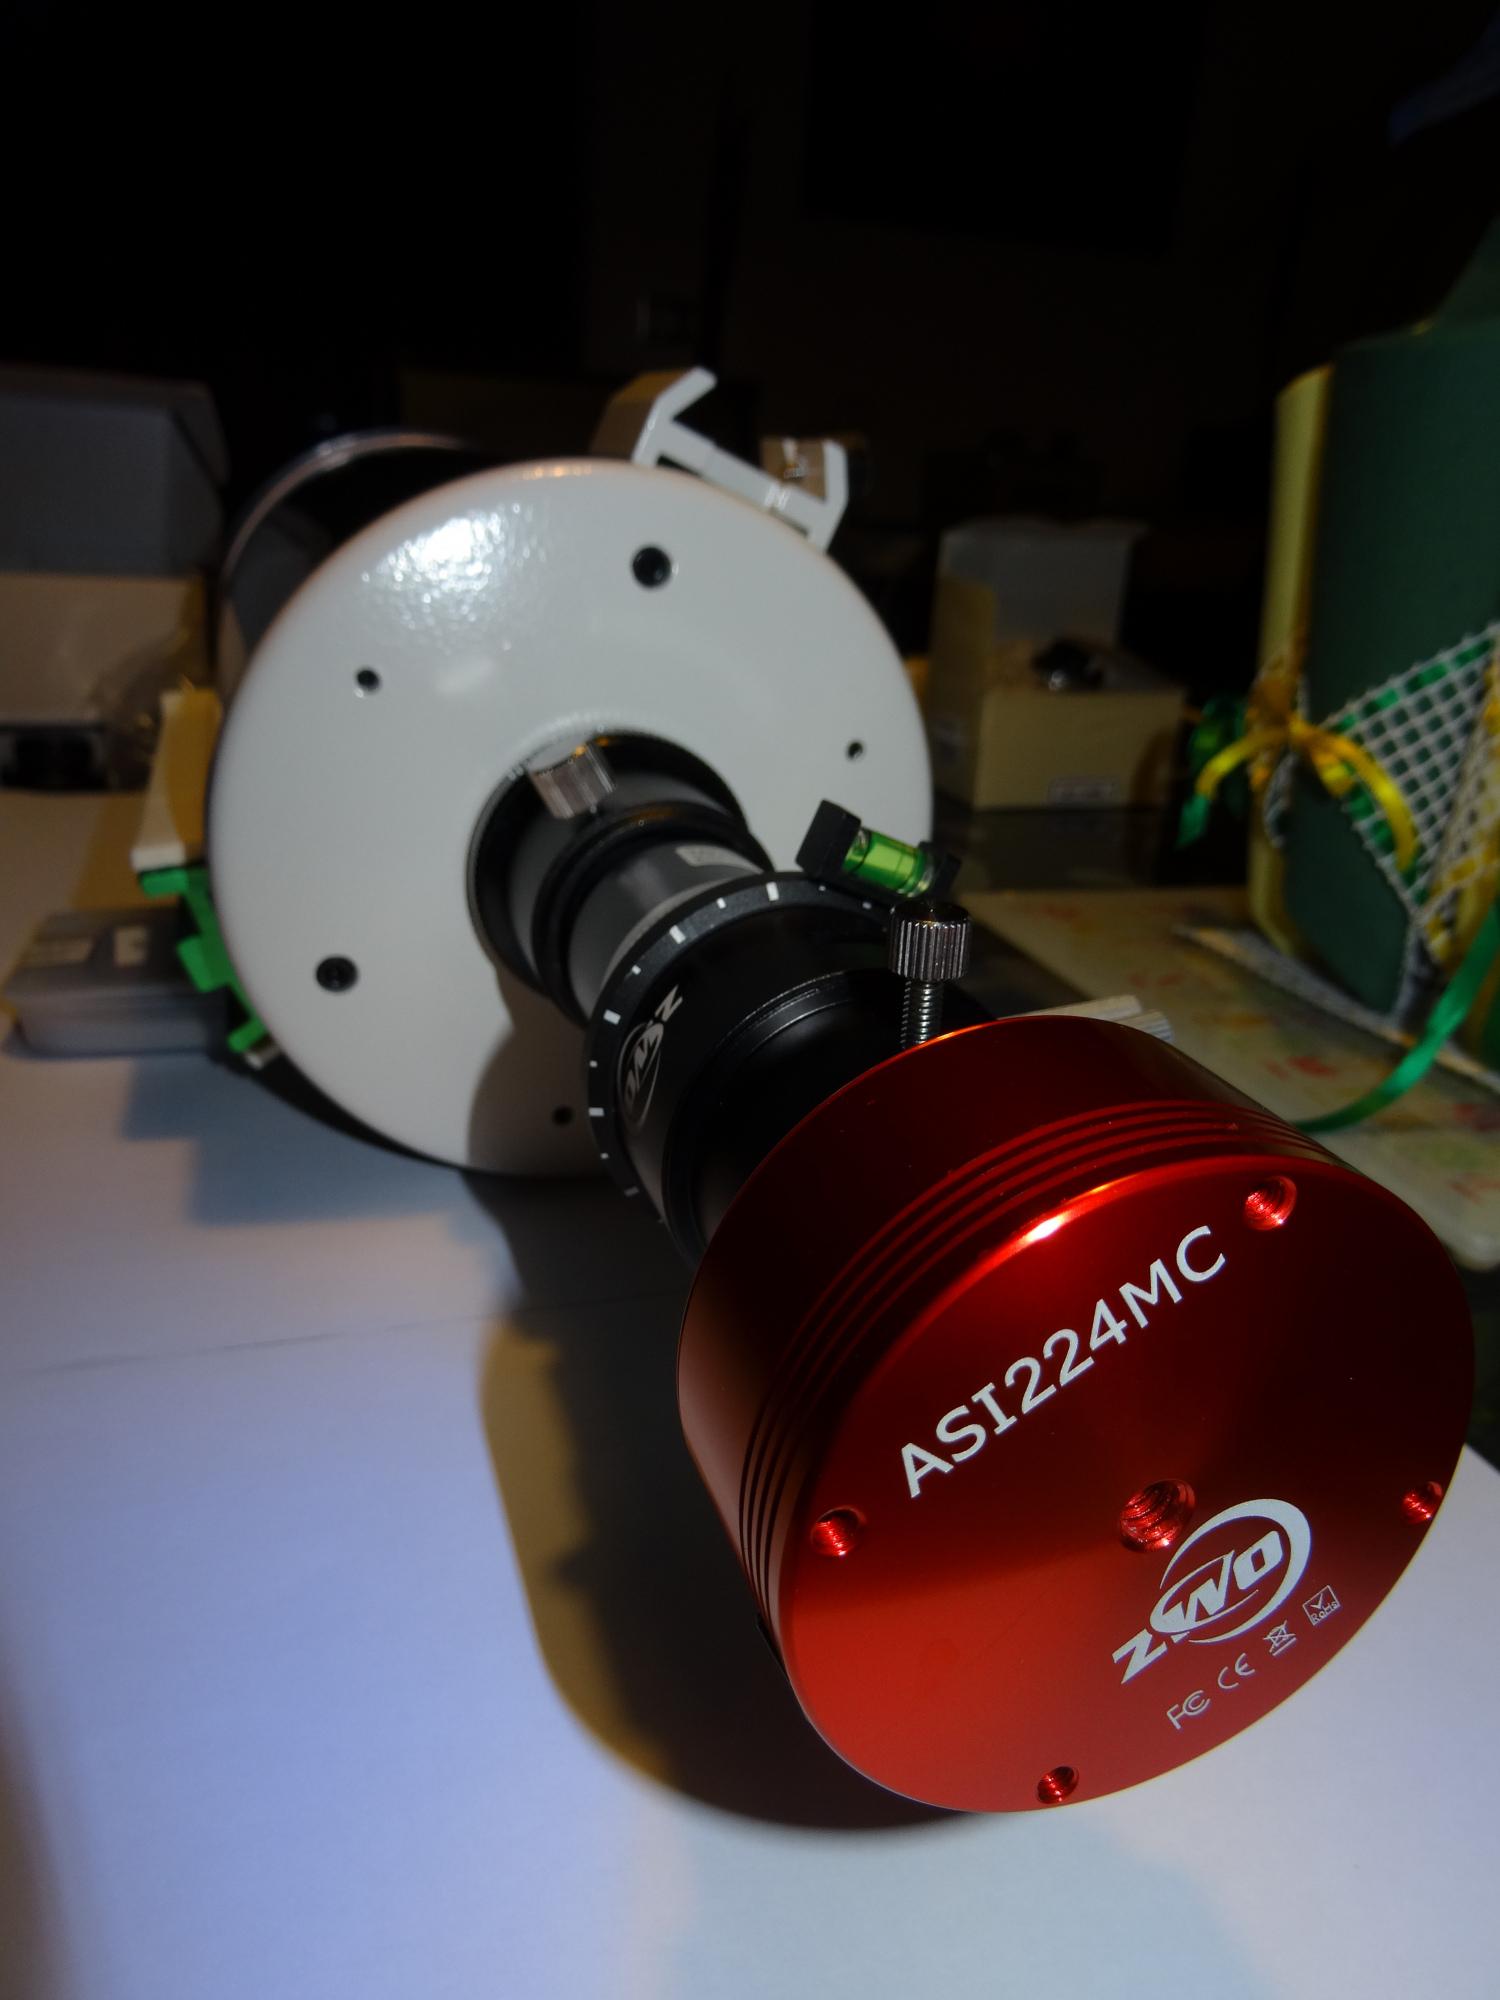 DSC02017.thumb.JPG.1dc15fd5092839e79a59ae8f41639646.JPG